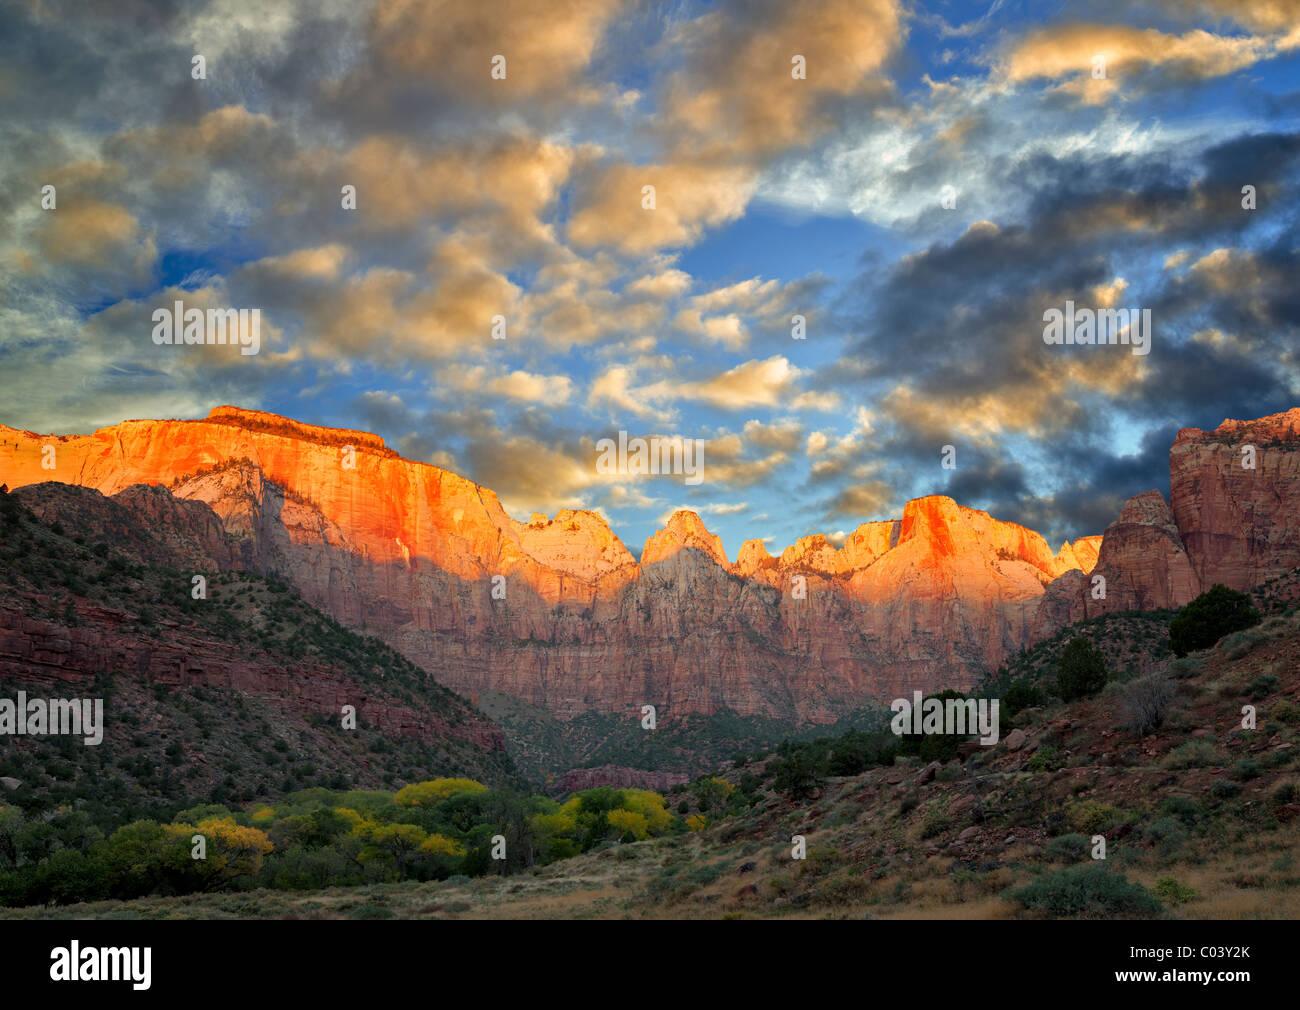 Tempel und Türme der Jungfrau Maria. Zion Nationalpark, Utah. Ein Himmel wurde hinzugefügt. Stockbild